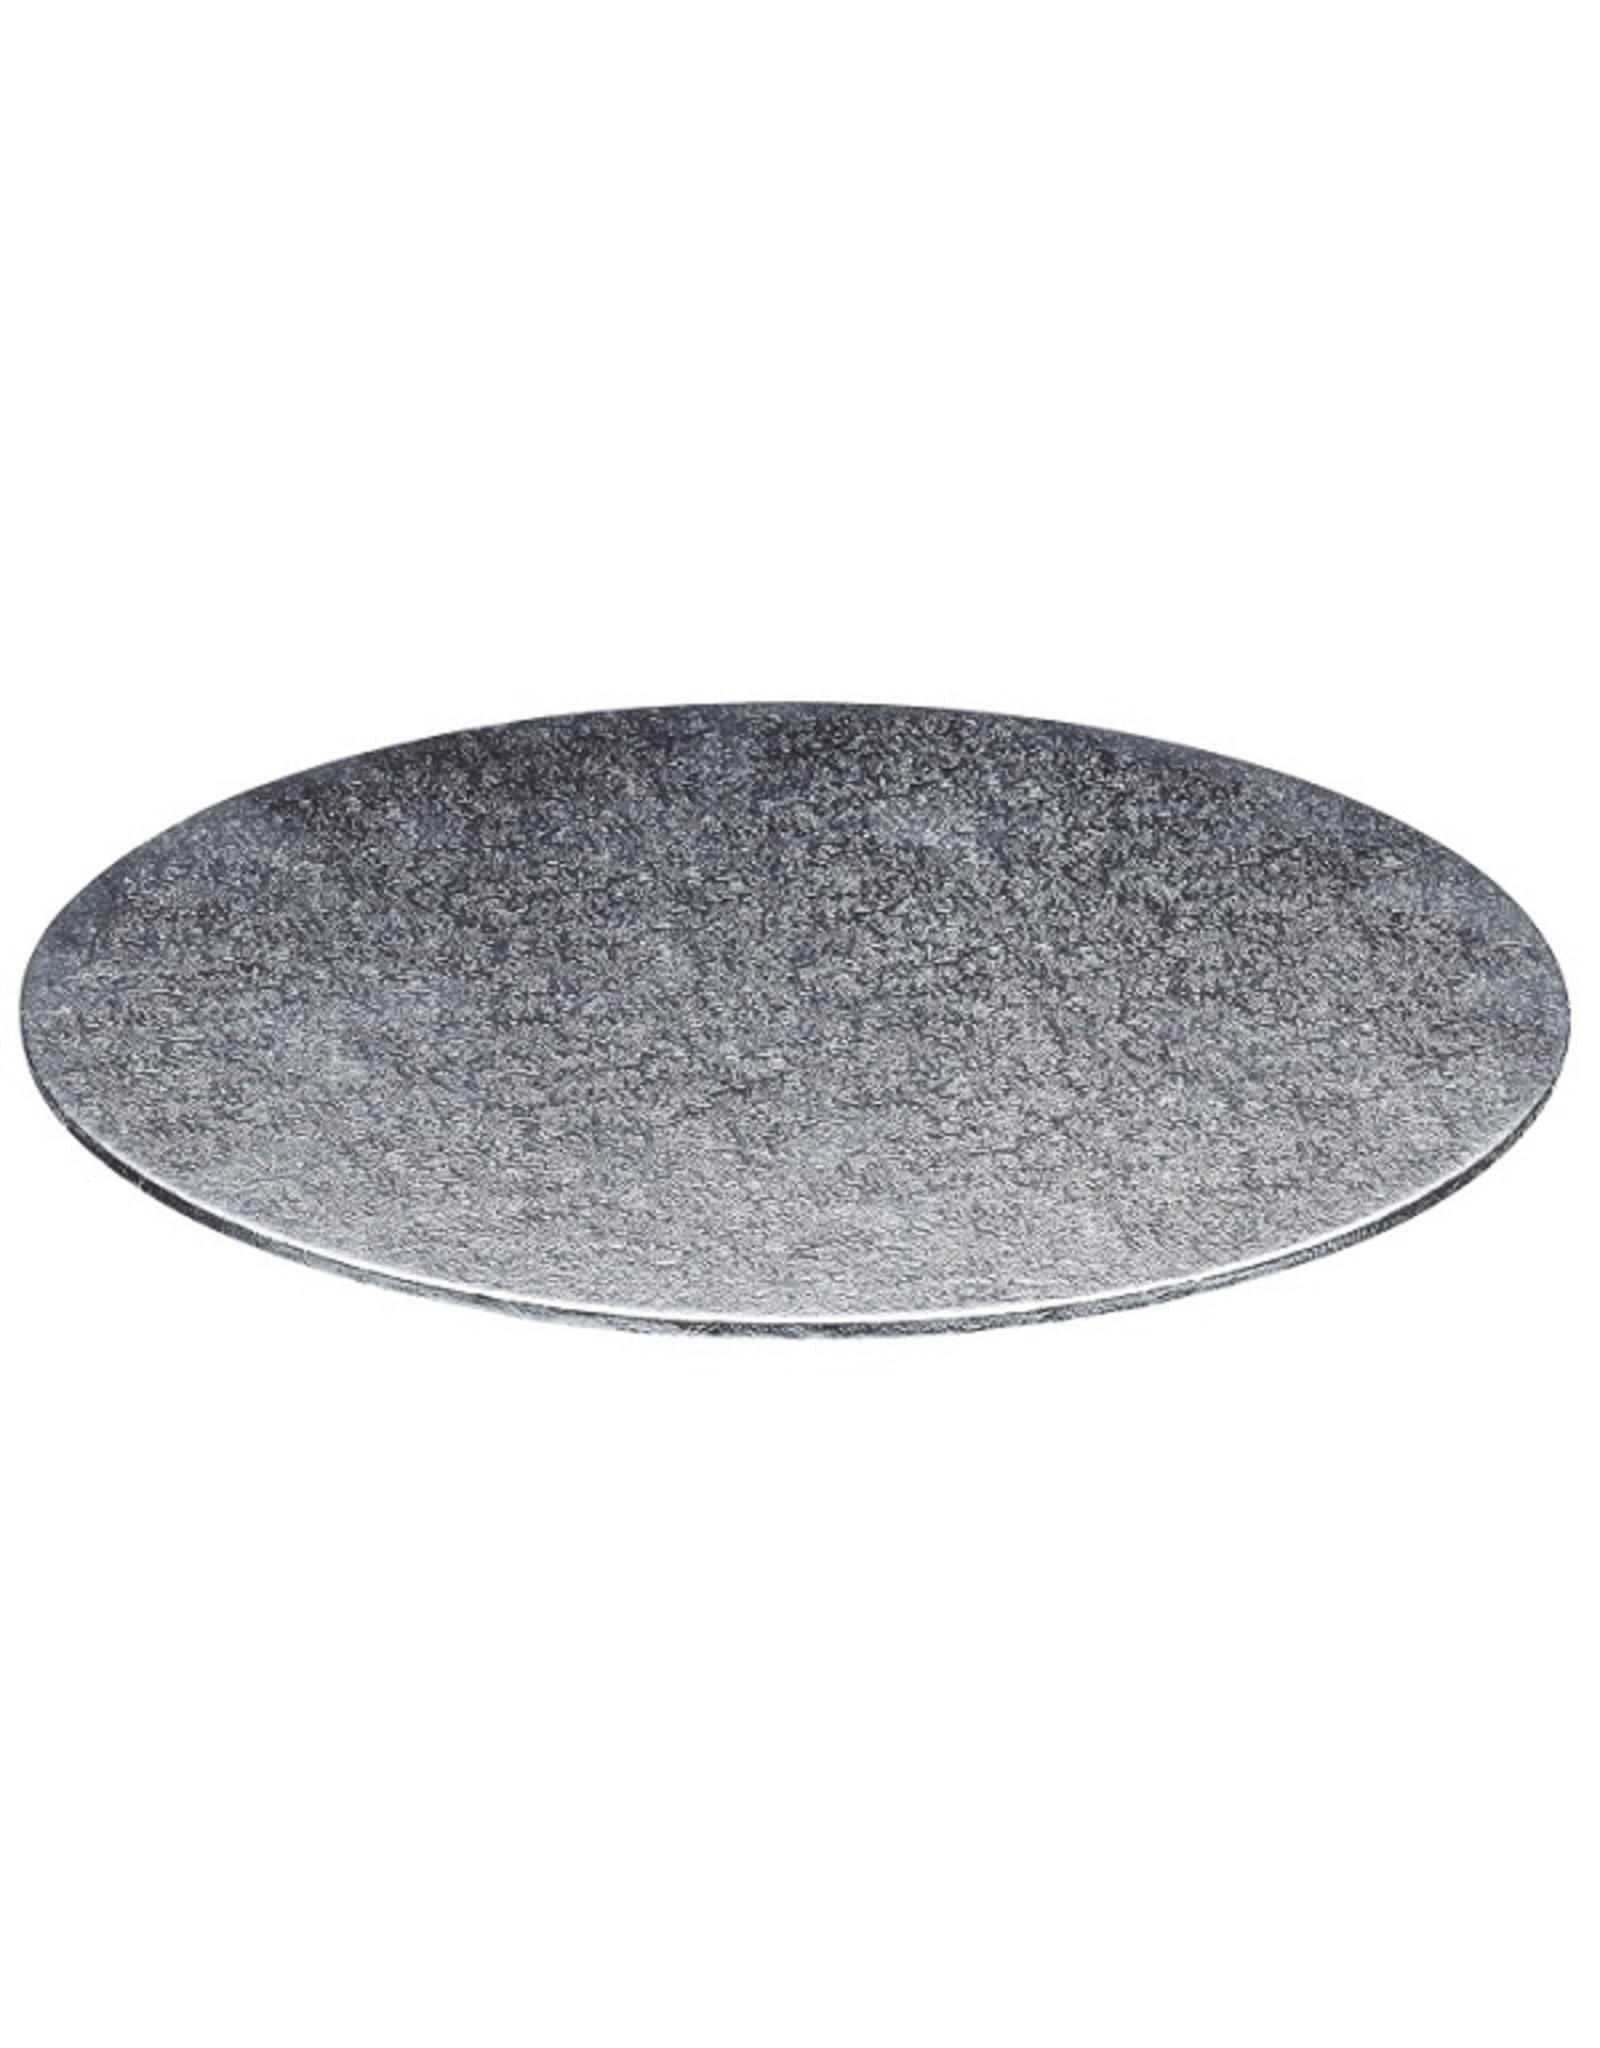 Cakeboards Ø304 mm - zilver (per 10 stuks)